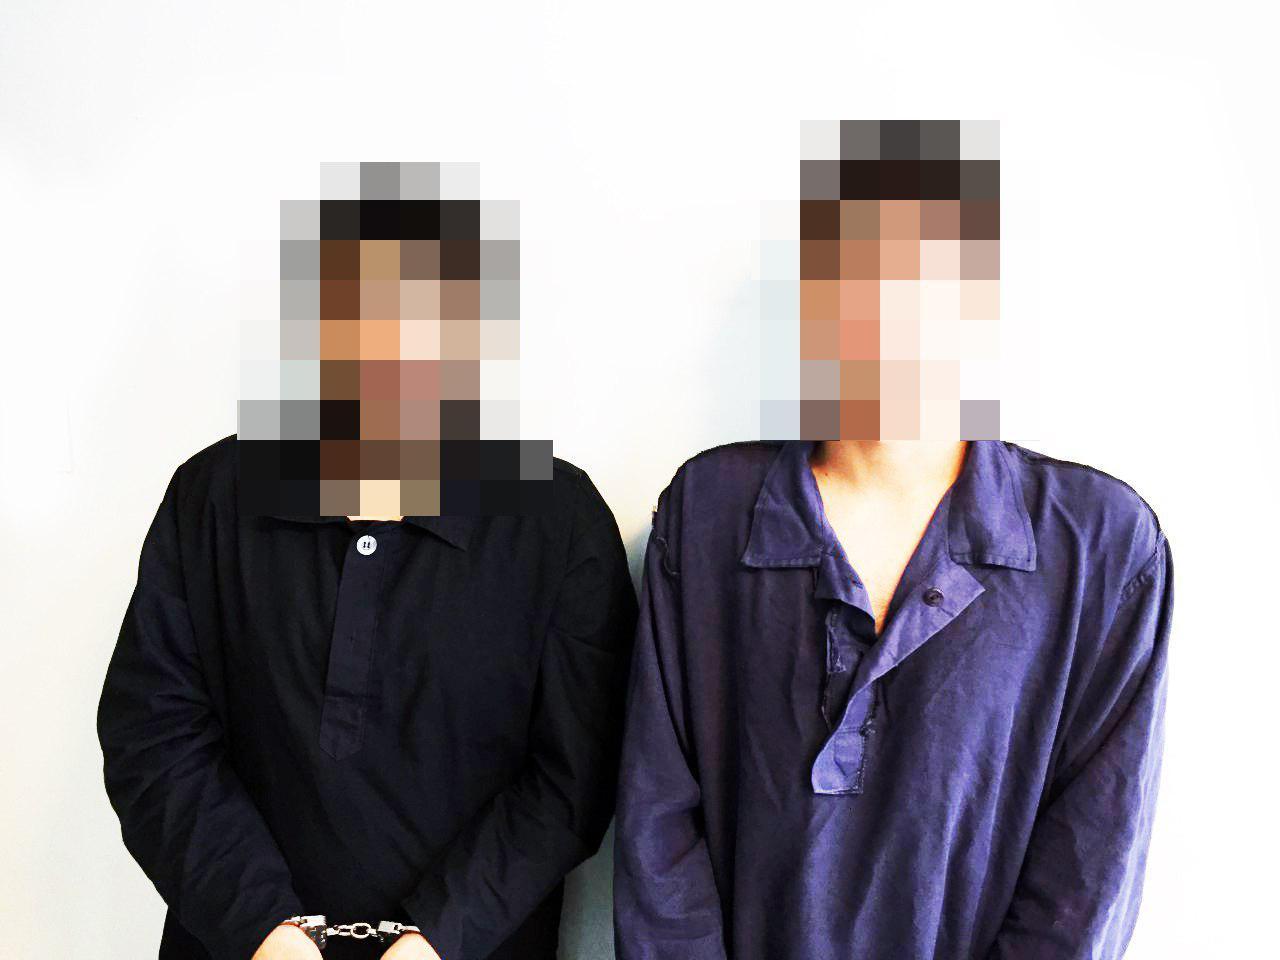 دستگیری 2 گوشی قاپان حرفه ای در تهران + عکس